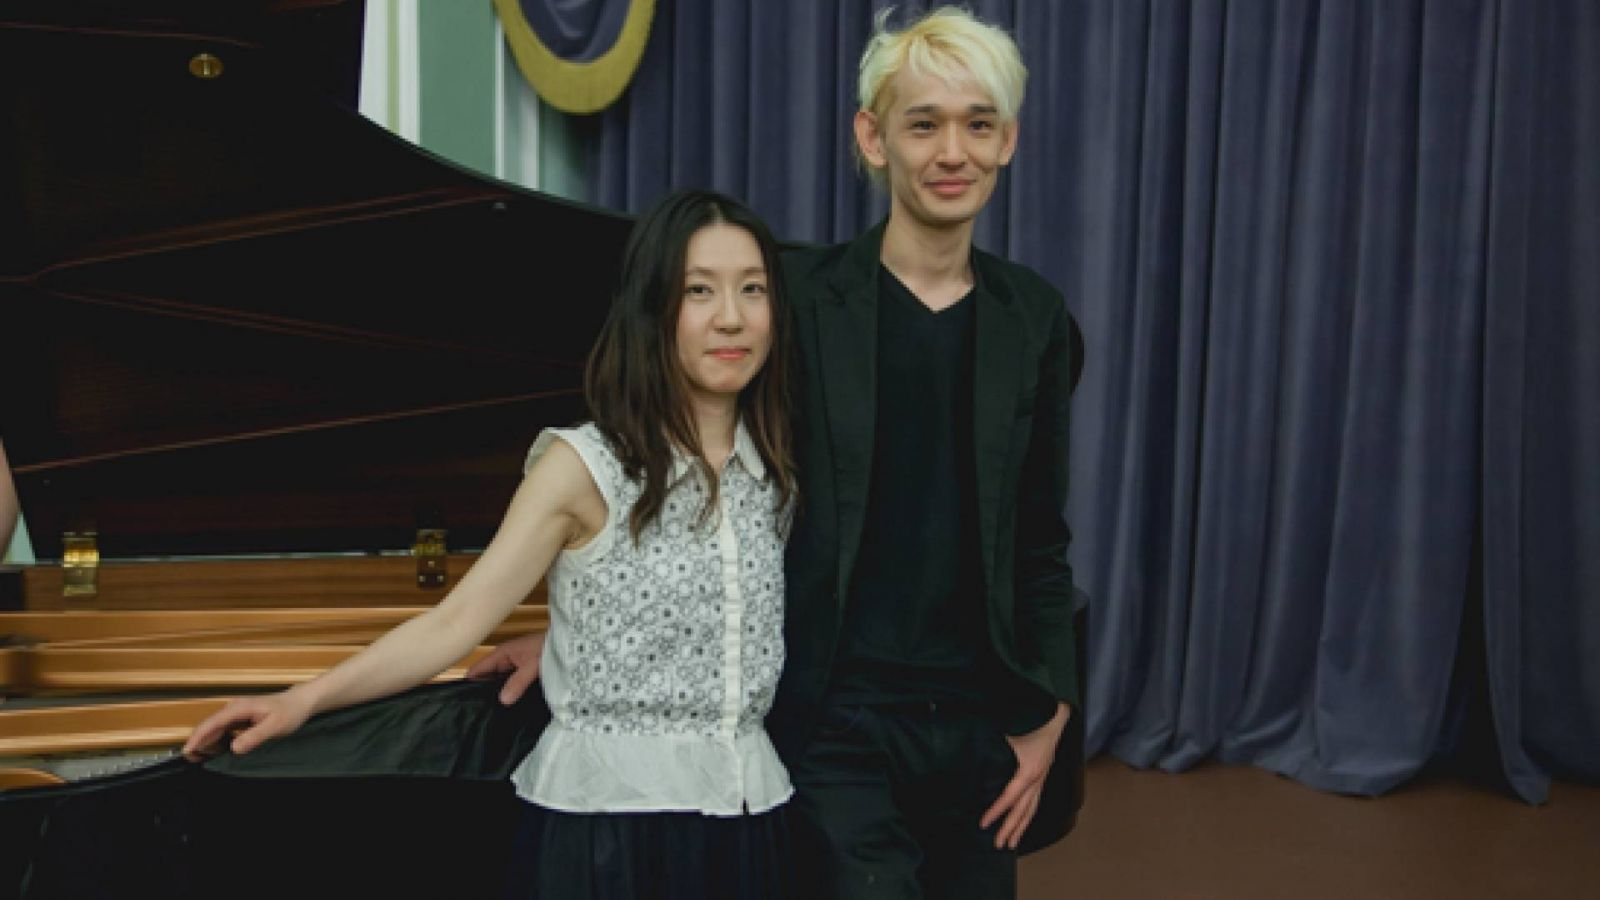 Концерт Takahiro Kido и Yuki Murata во дворце Белосельских-Белозерских © Rin (JaME)